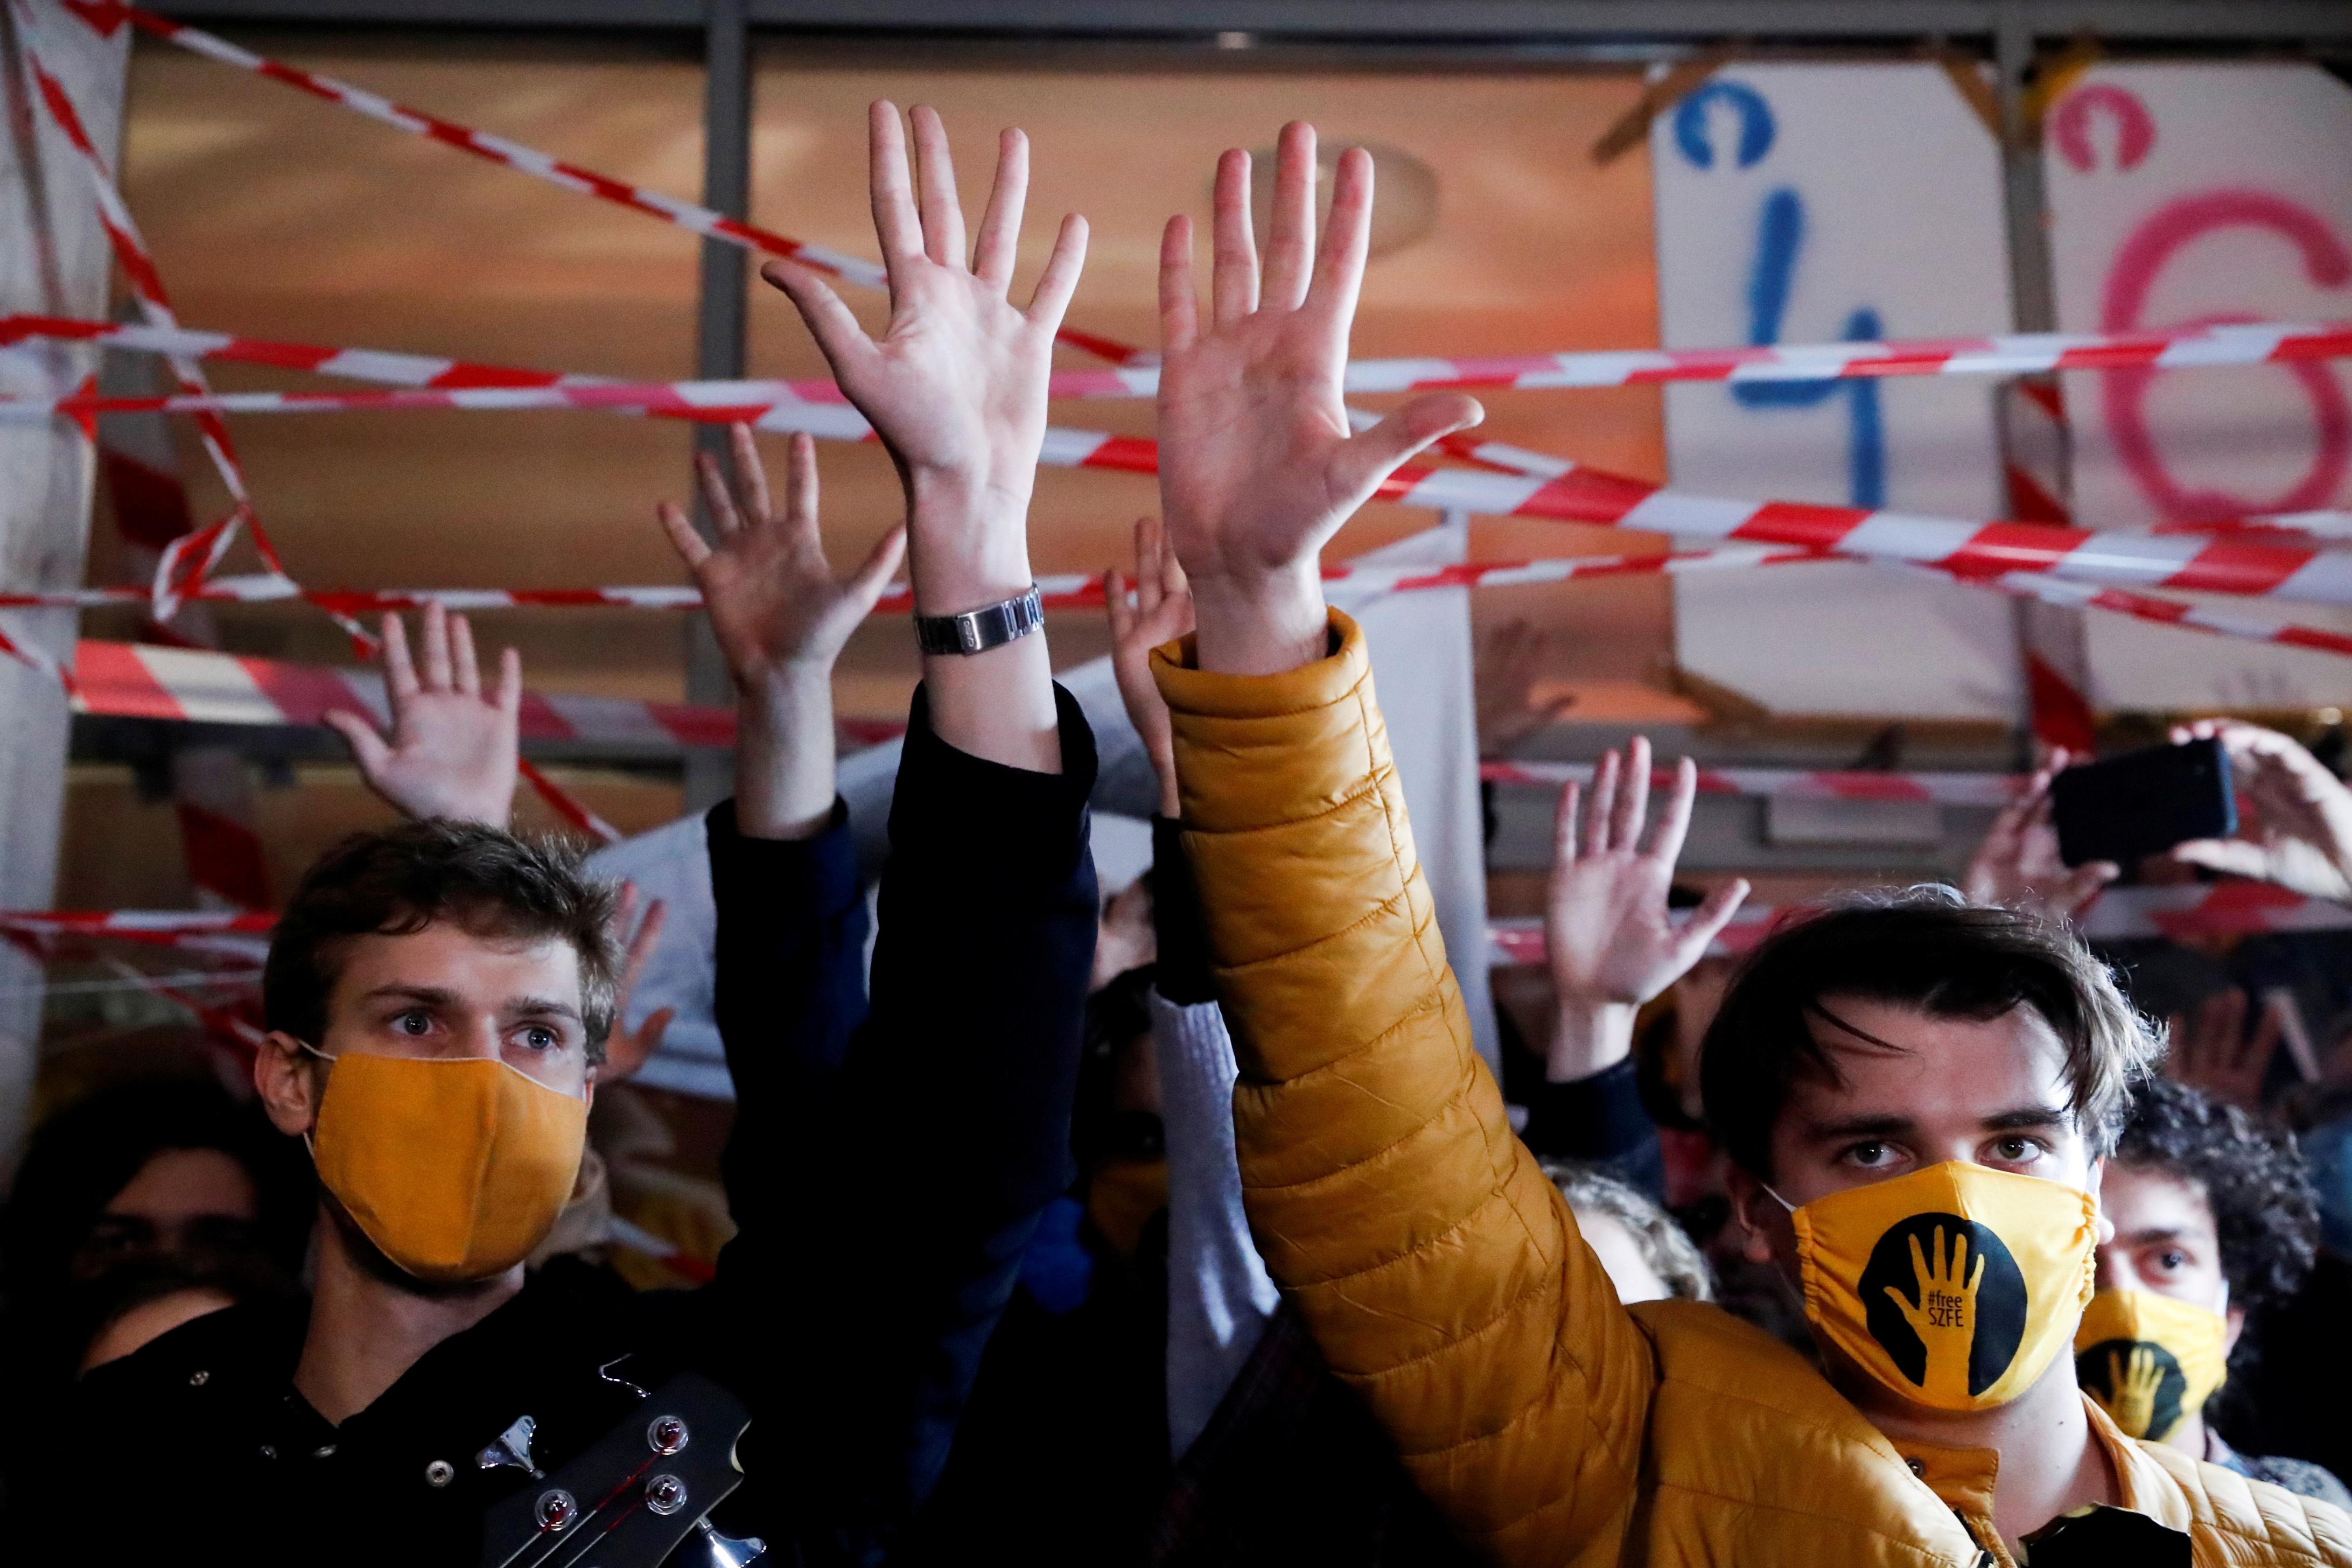 Ystum myfyrwyr o flaen Prifysgol y Celfyddydau Theatr a Ffilm yn Budapest, Hwngari, Hydref 16, 2020. REUTERS / Bernadett Szabo / File Photo